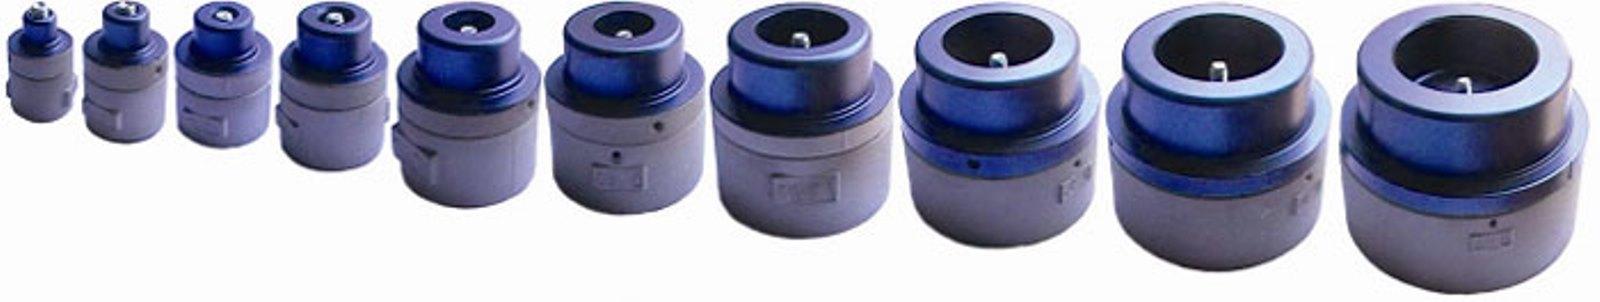 Насадка парная для аппарата для сварки труб, 25 мм. Dytron